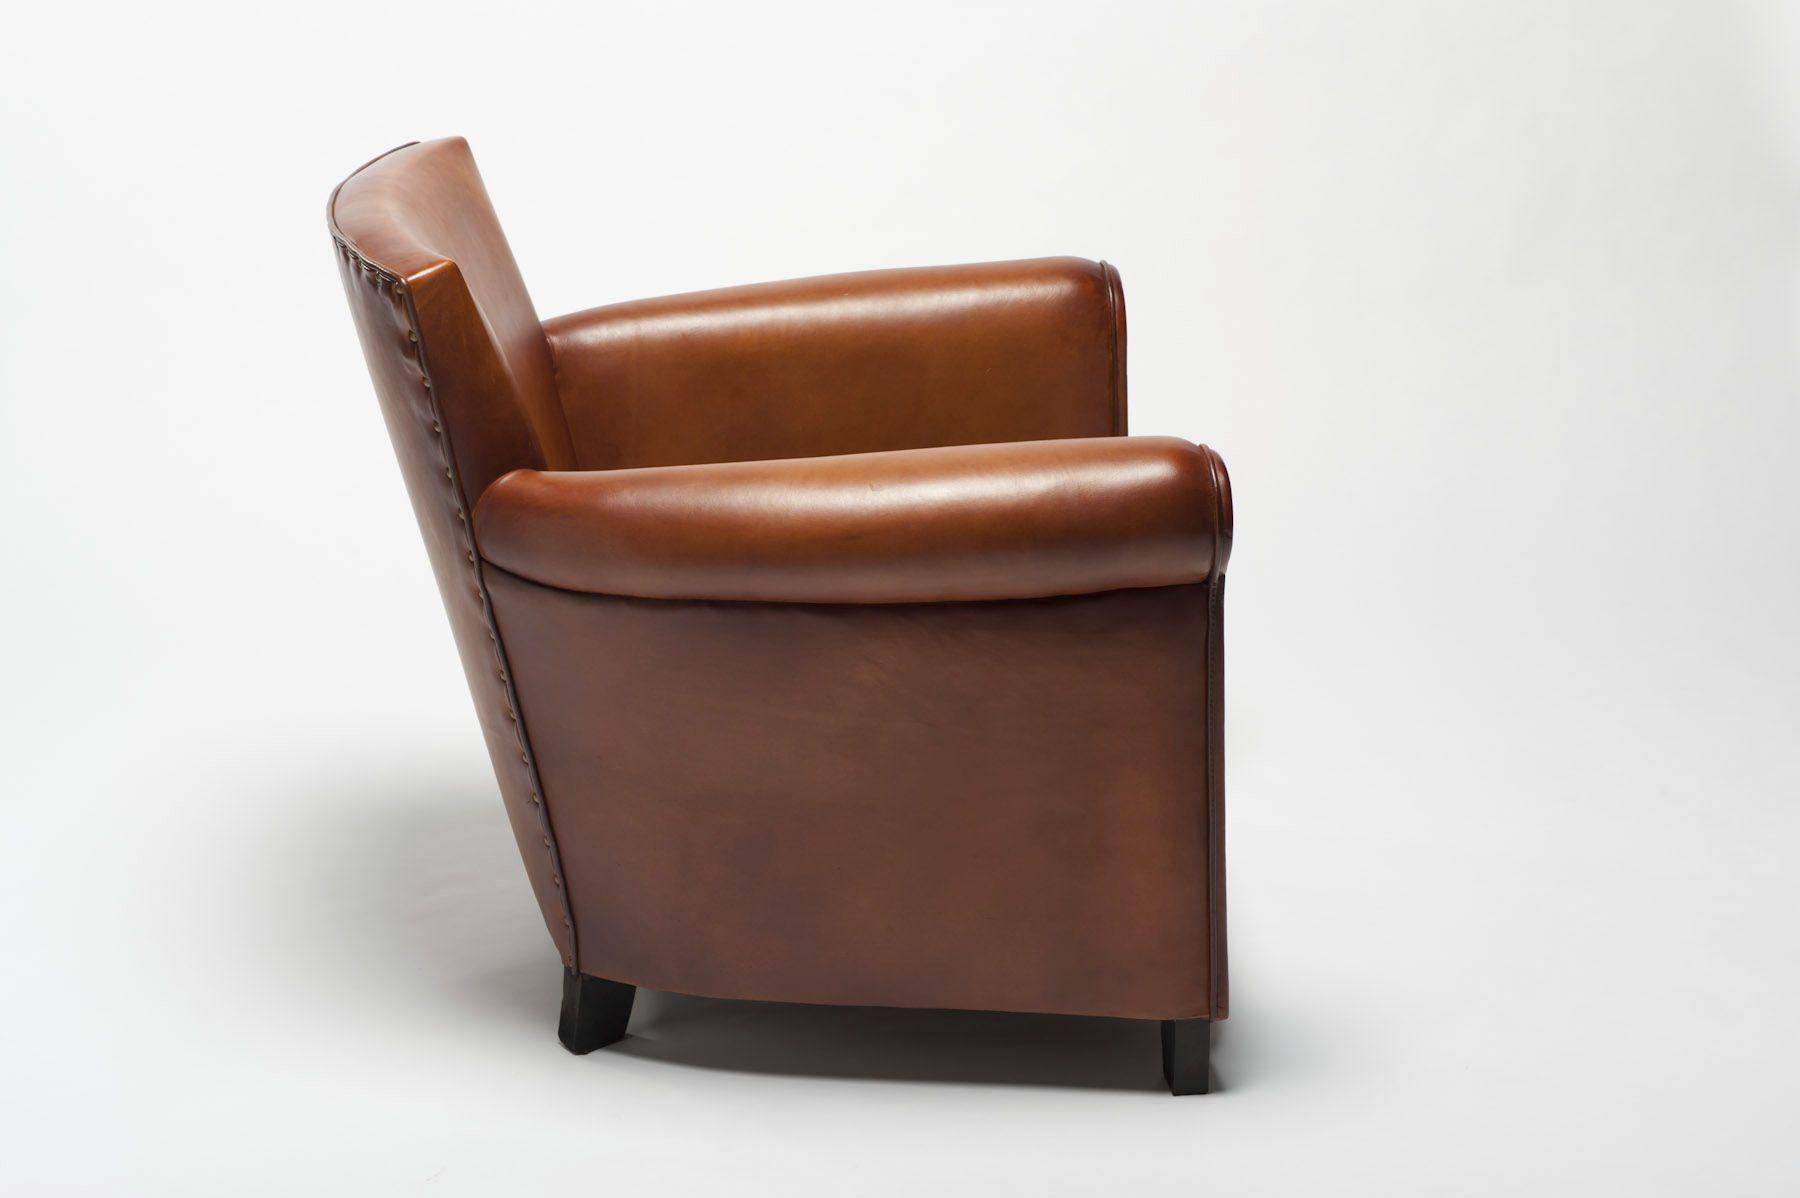 Kleine Sessel tolle kleine sessel leder deutsche deko